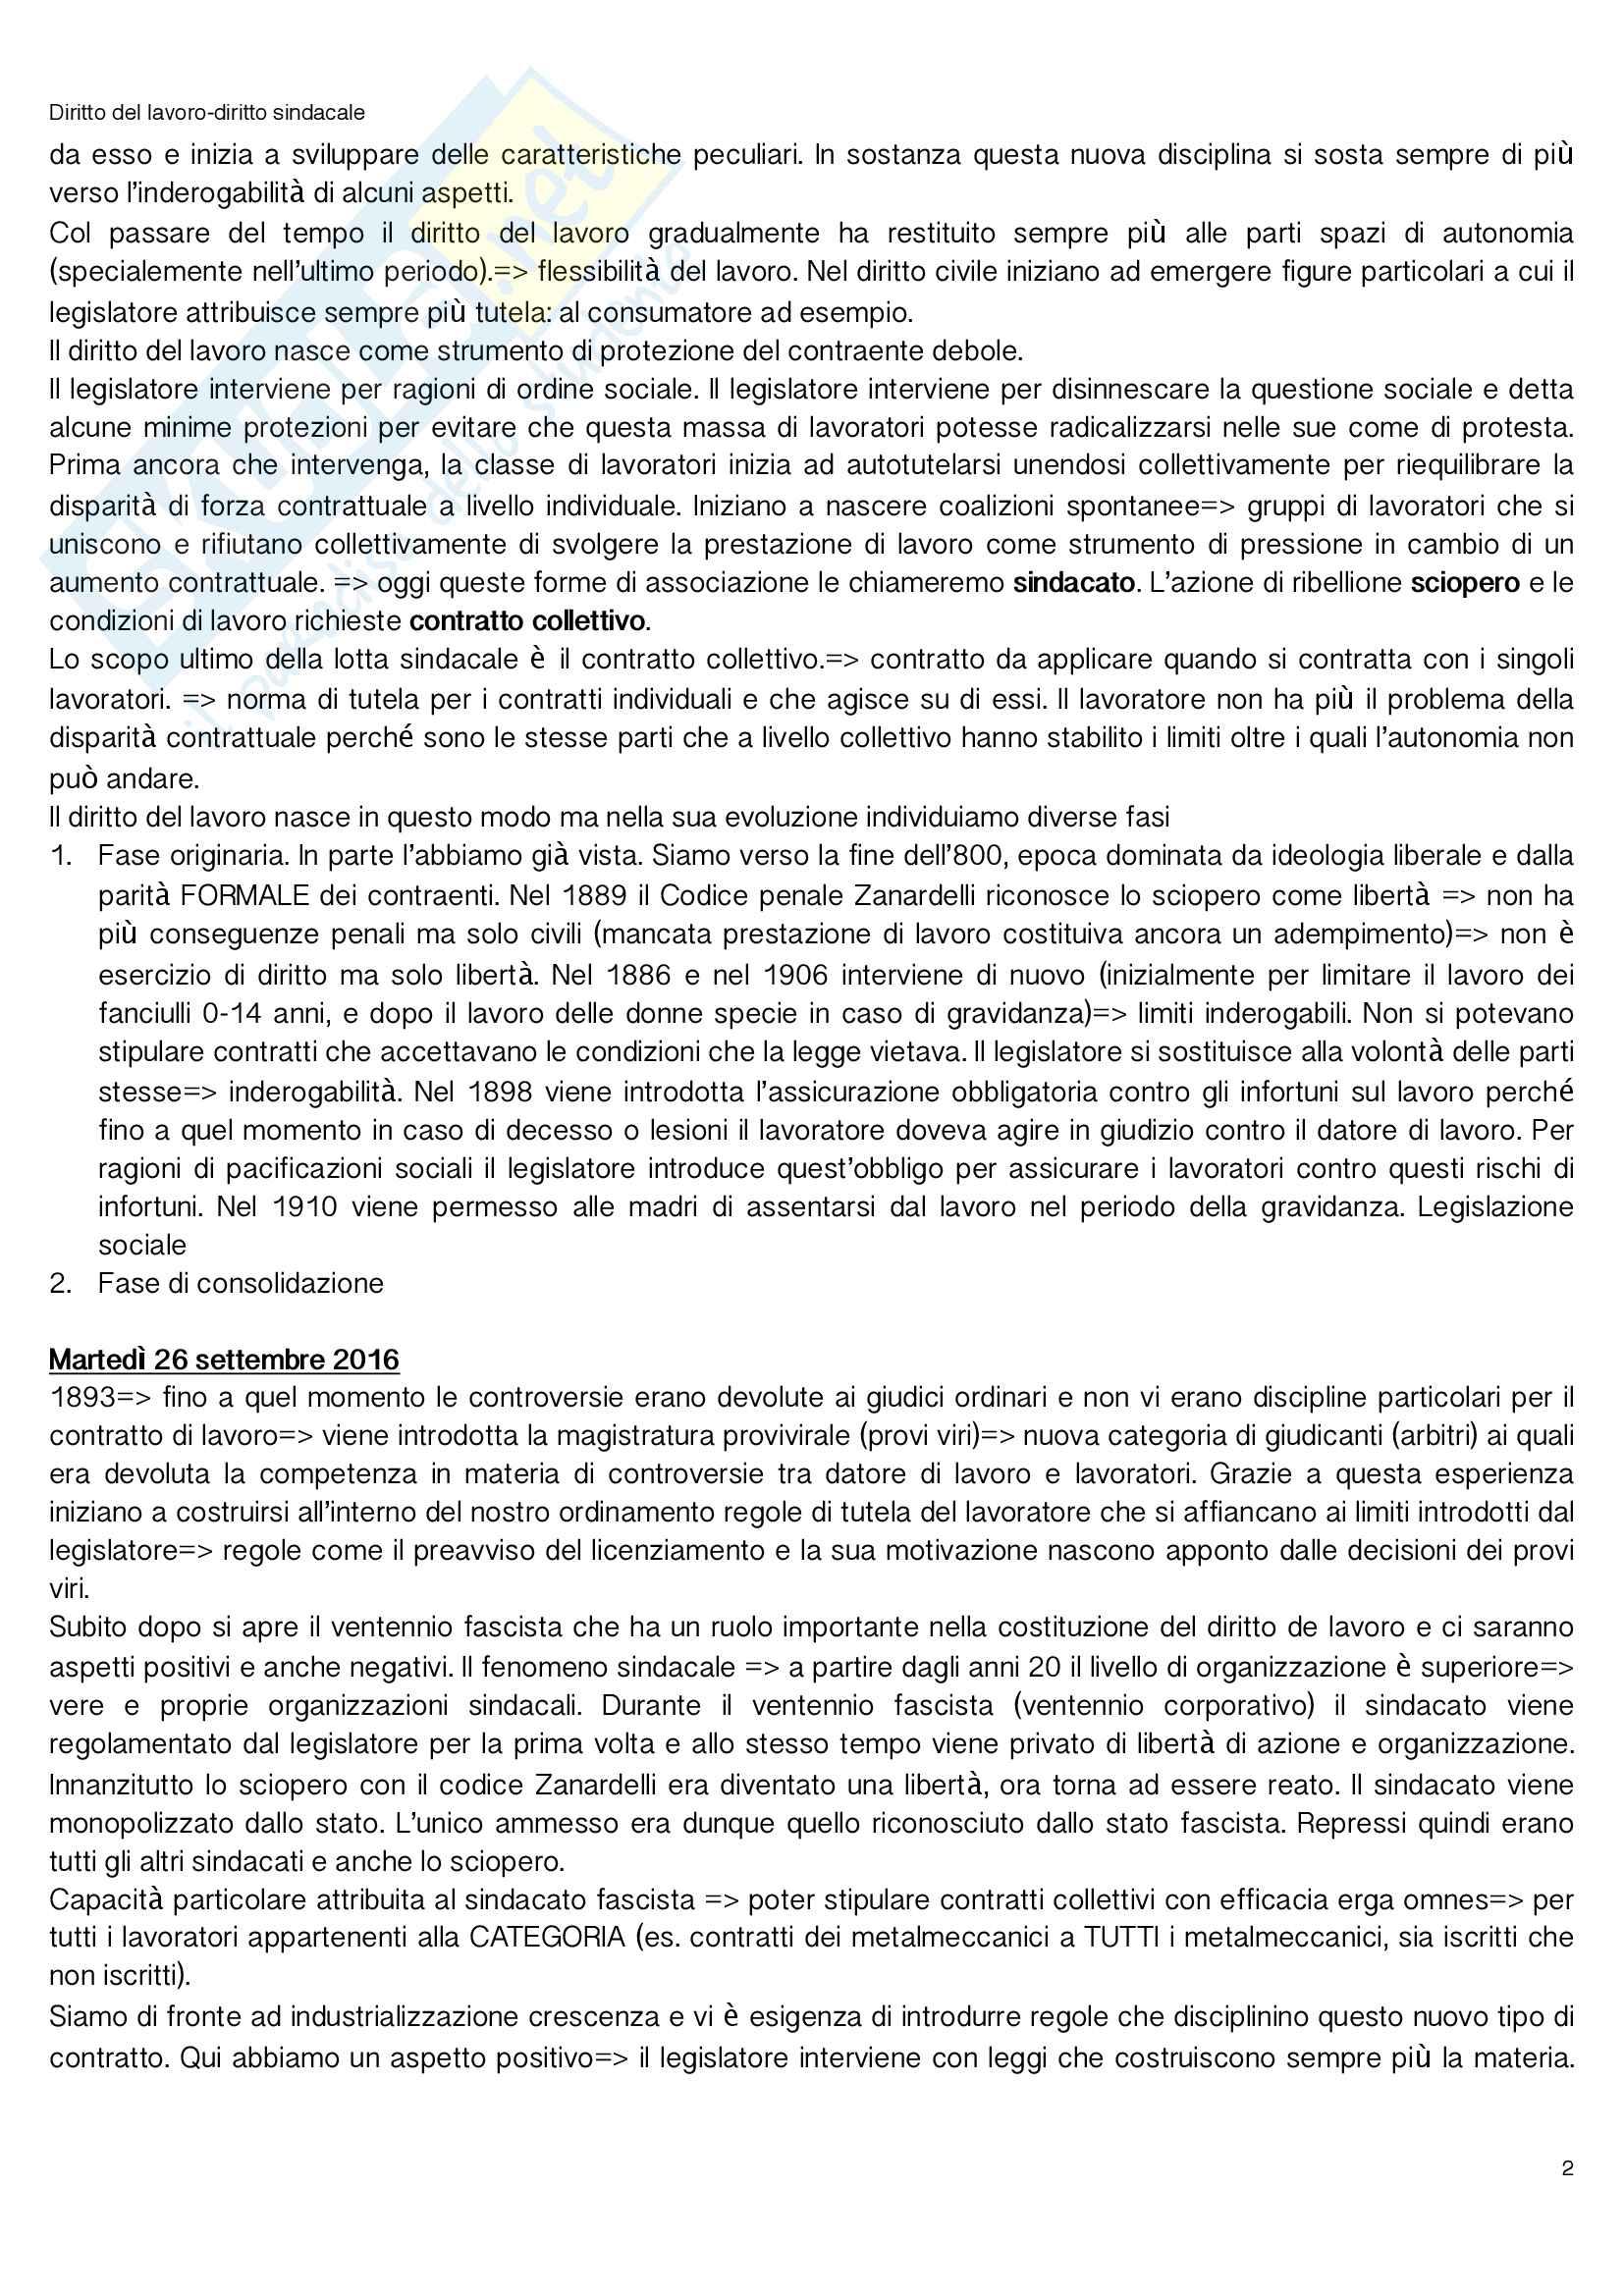 Diritto del lavoro lavoro sindacale Pag. 2